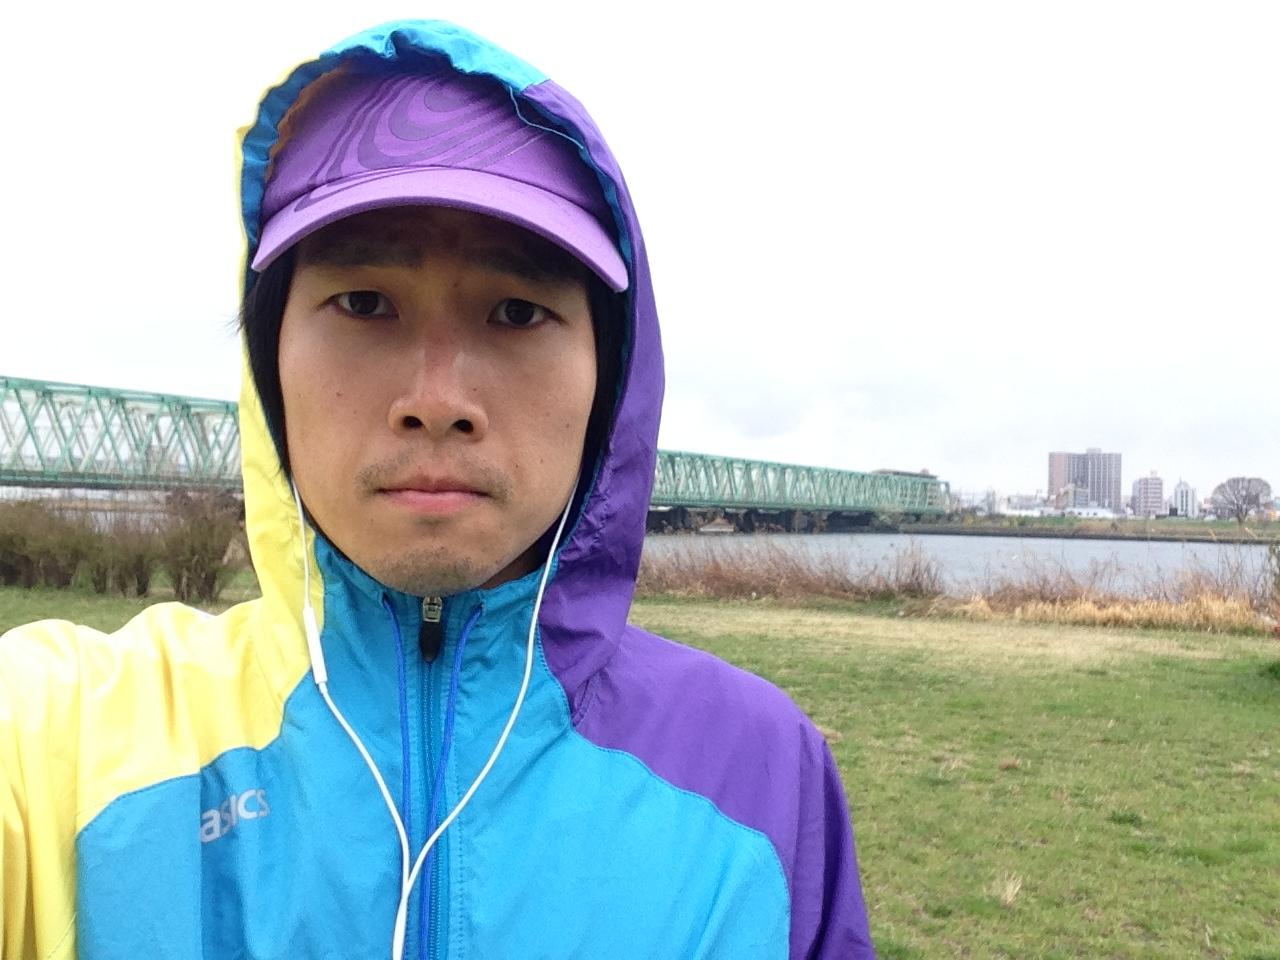 川沿いをひたすら往復!マラソンに必要な心を鍛えられる大会。